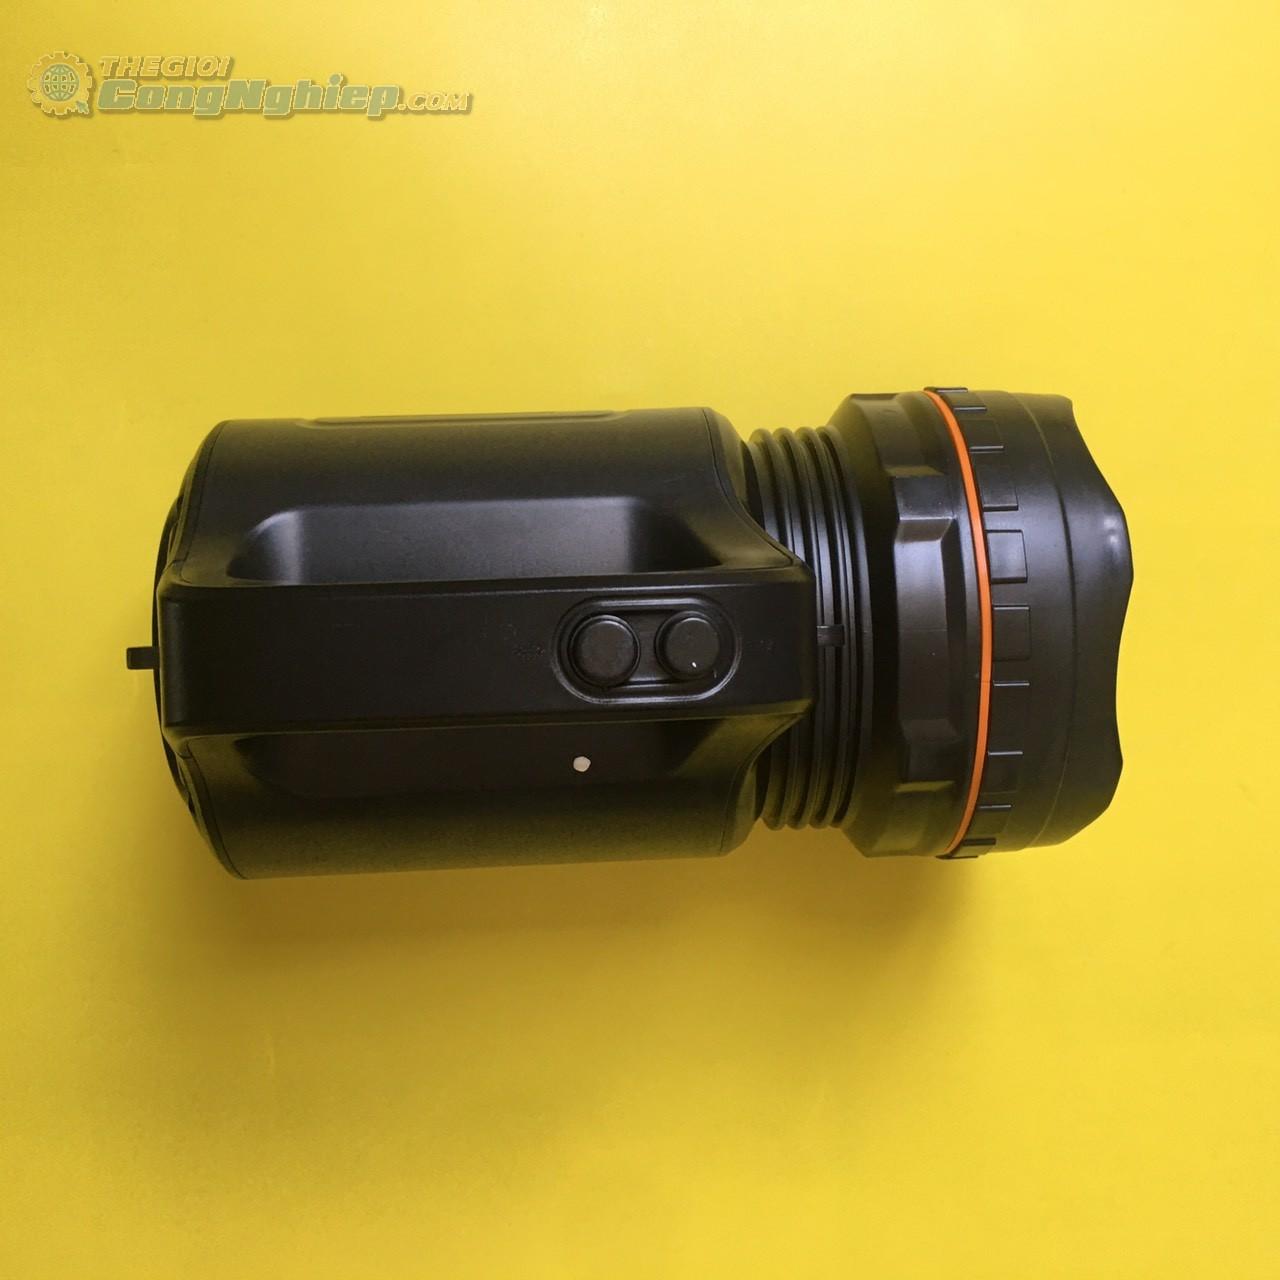 Đèn pin sạc siêu sáng đa năng 120W  TD-9855 Sankara